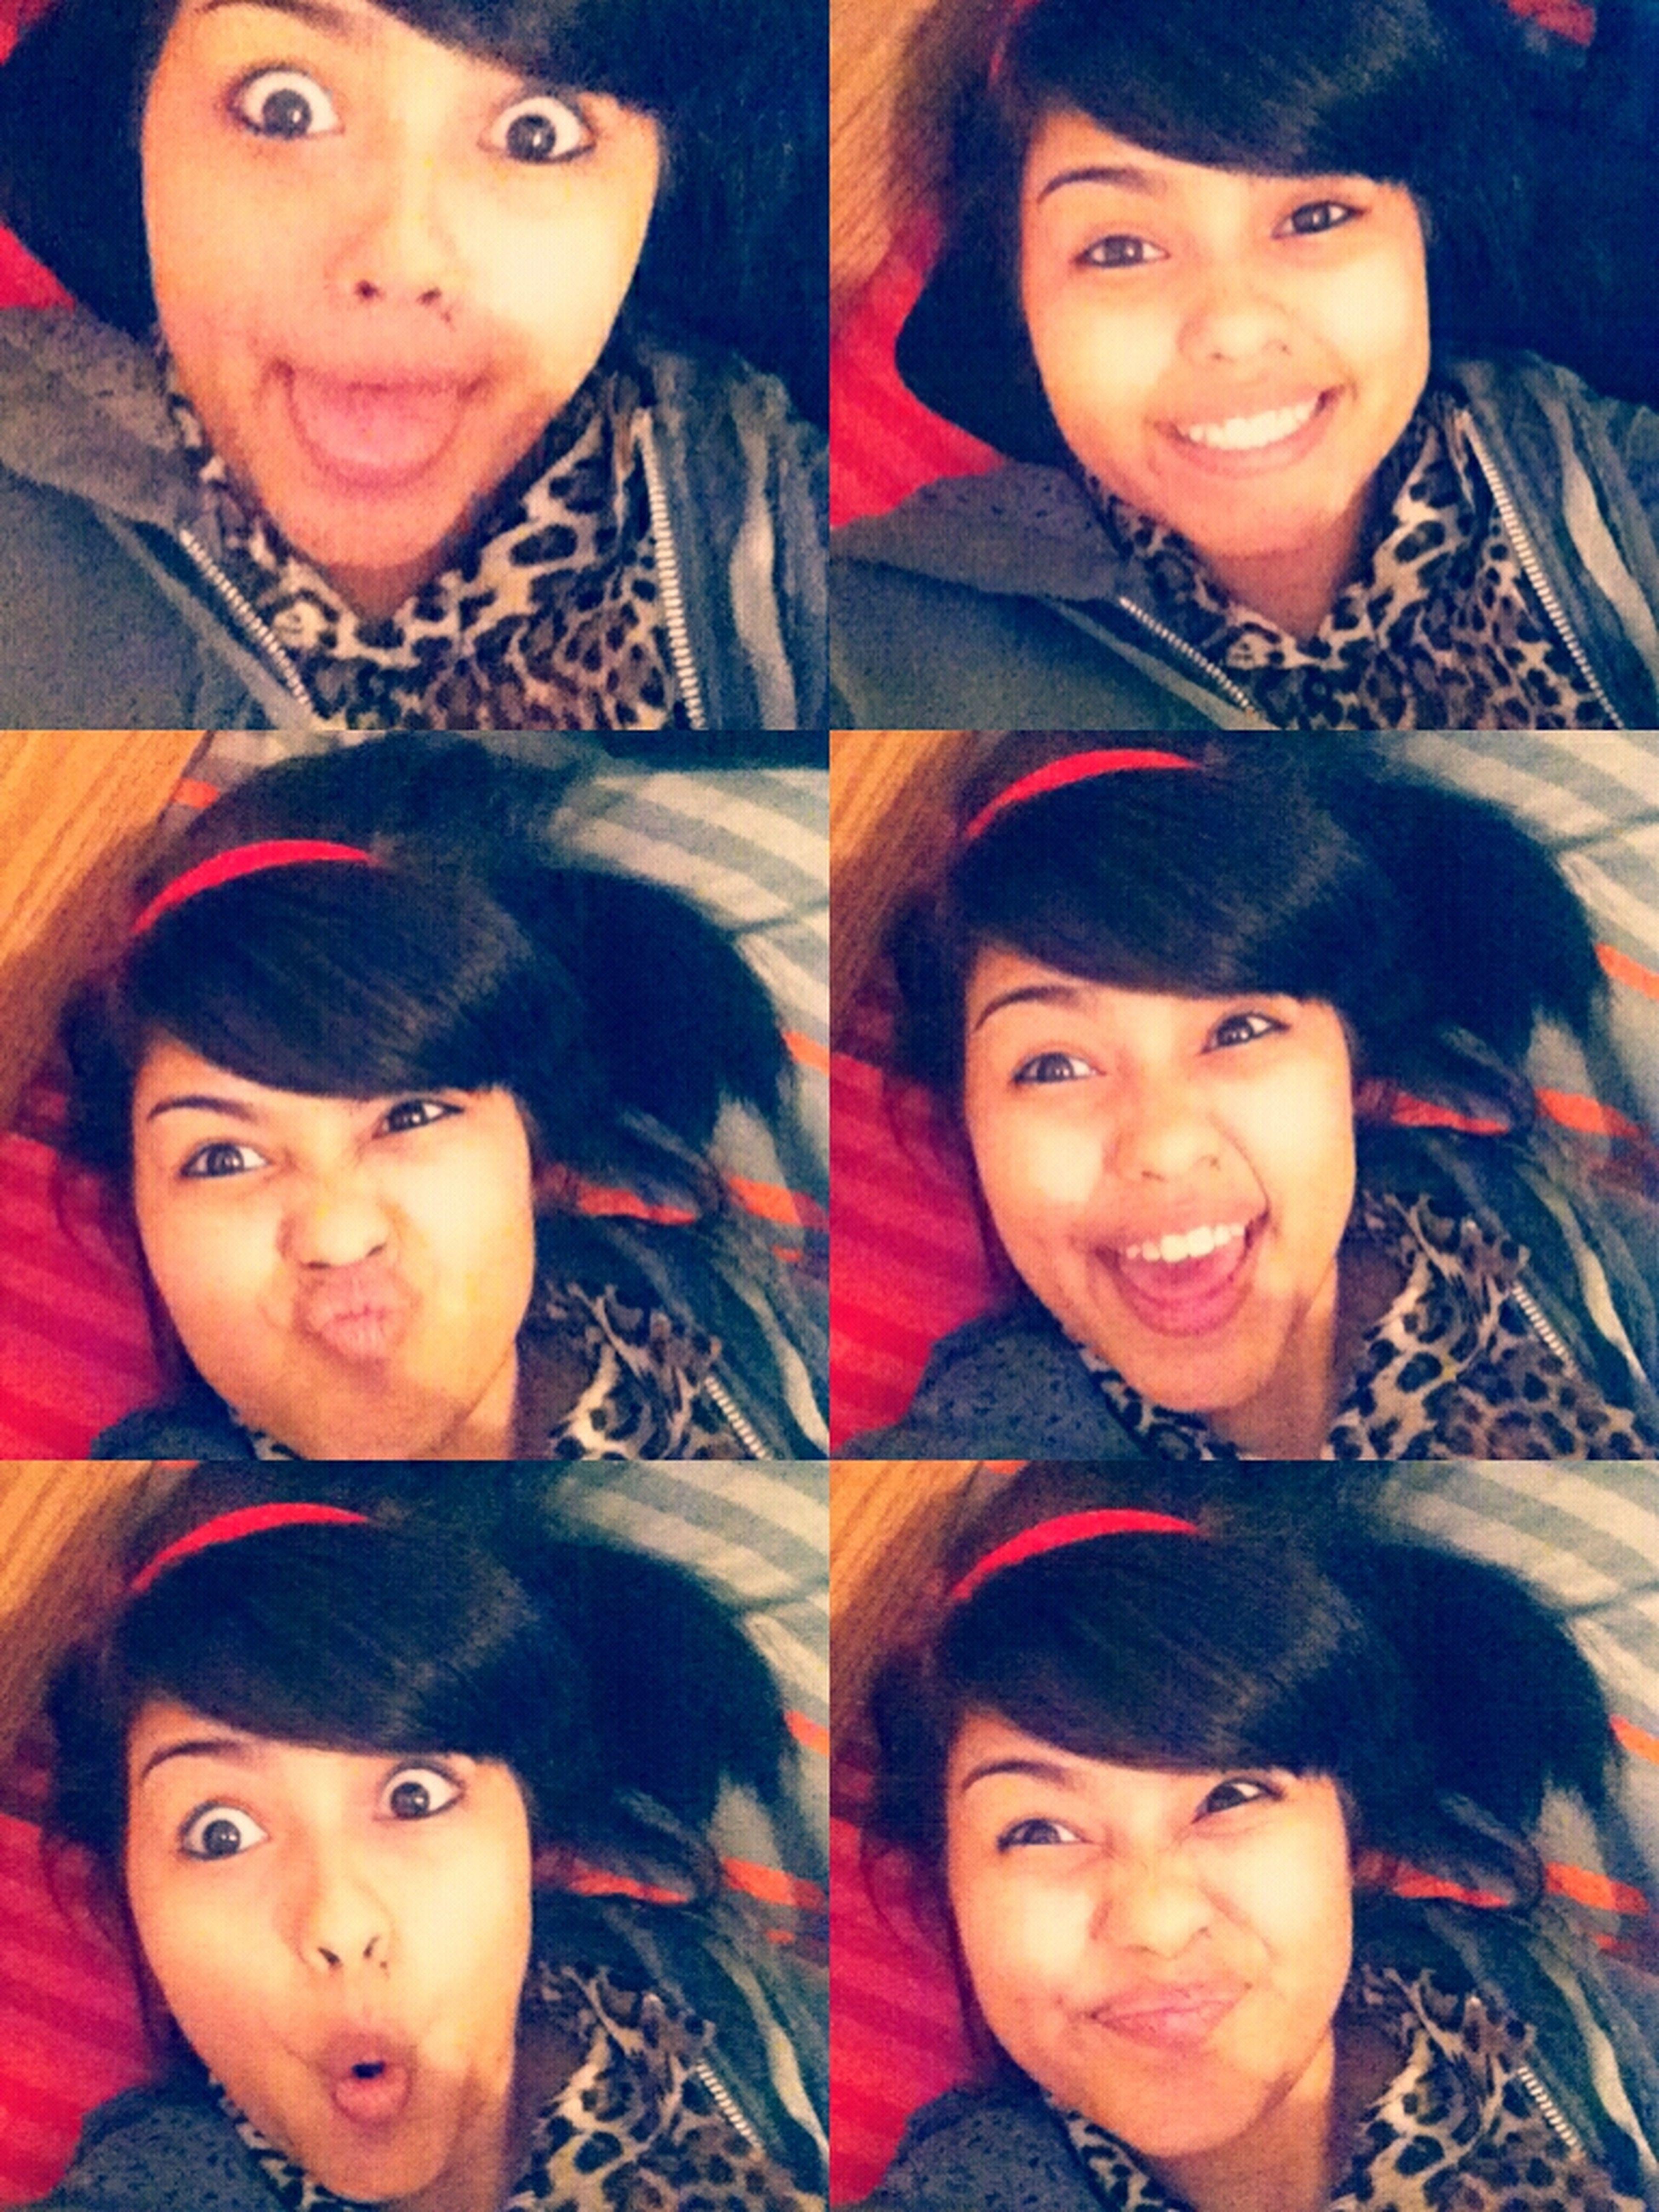 Ayeeeee ;D Lol